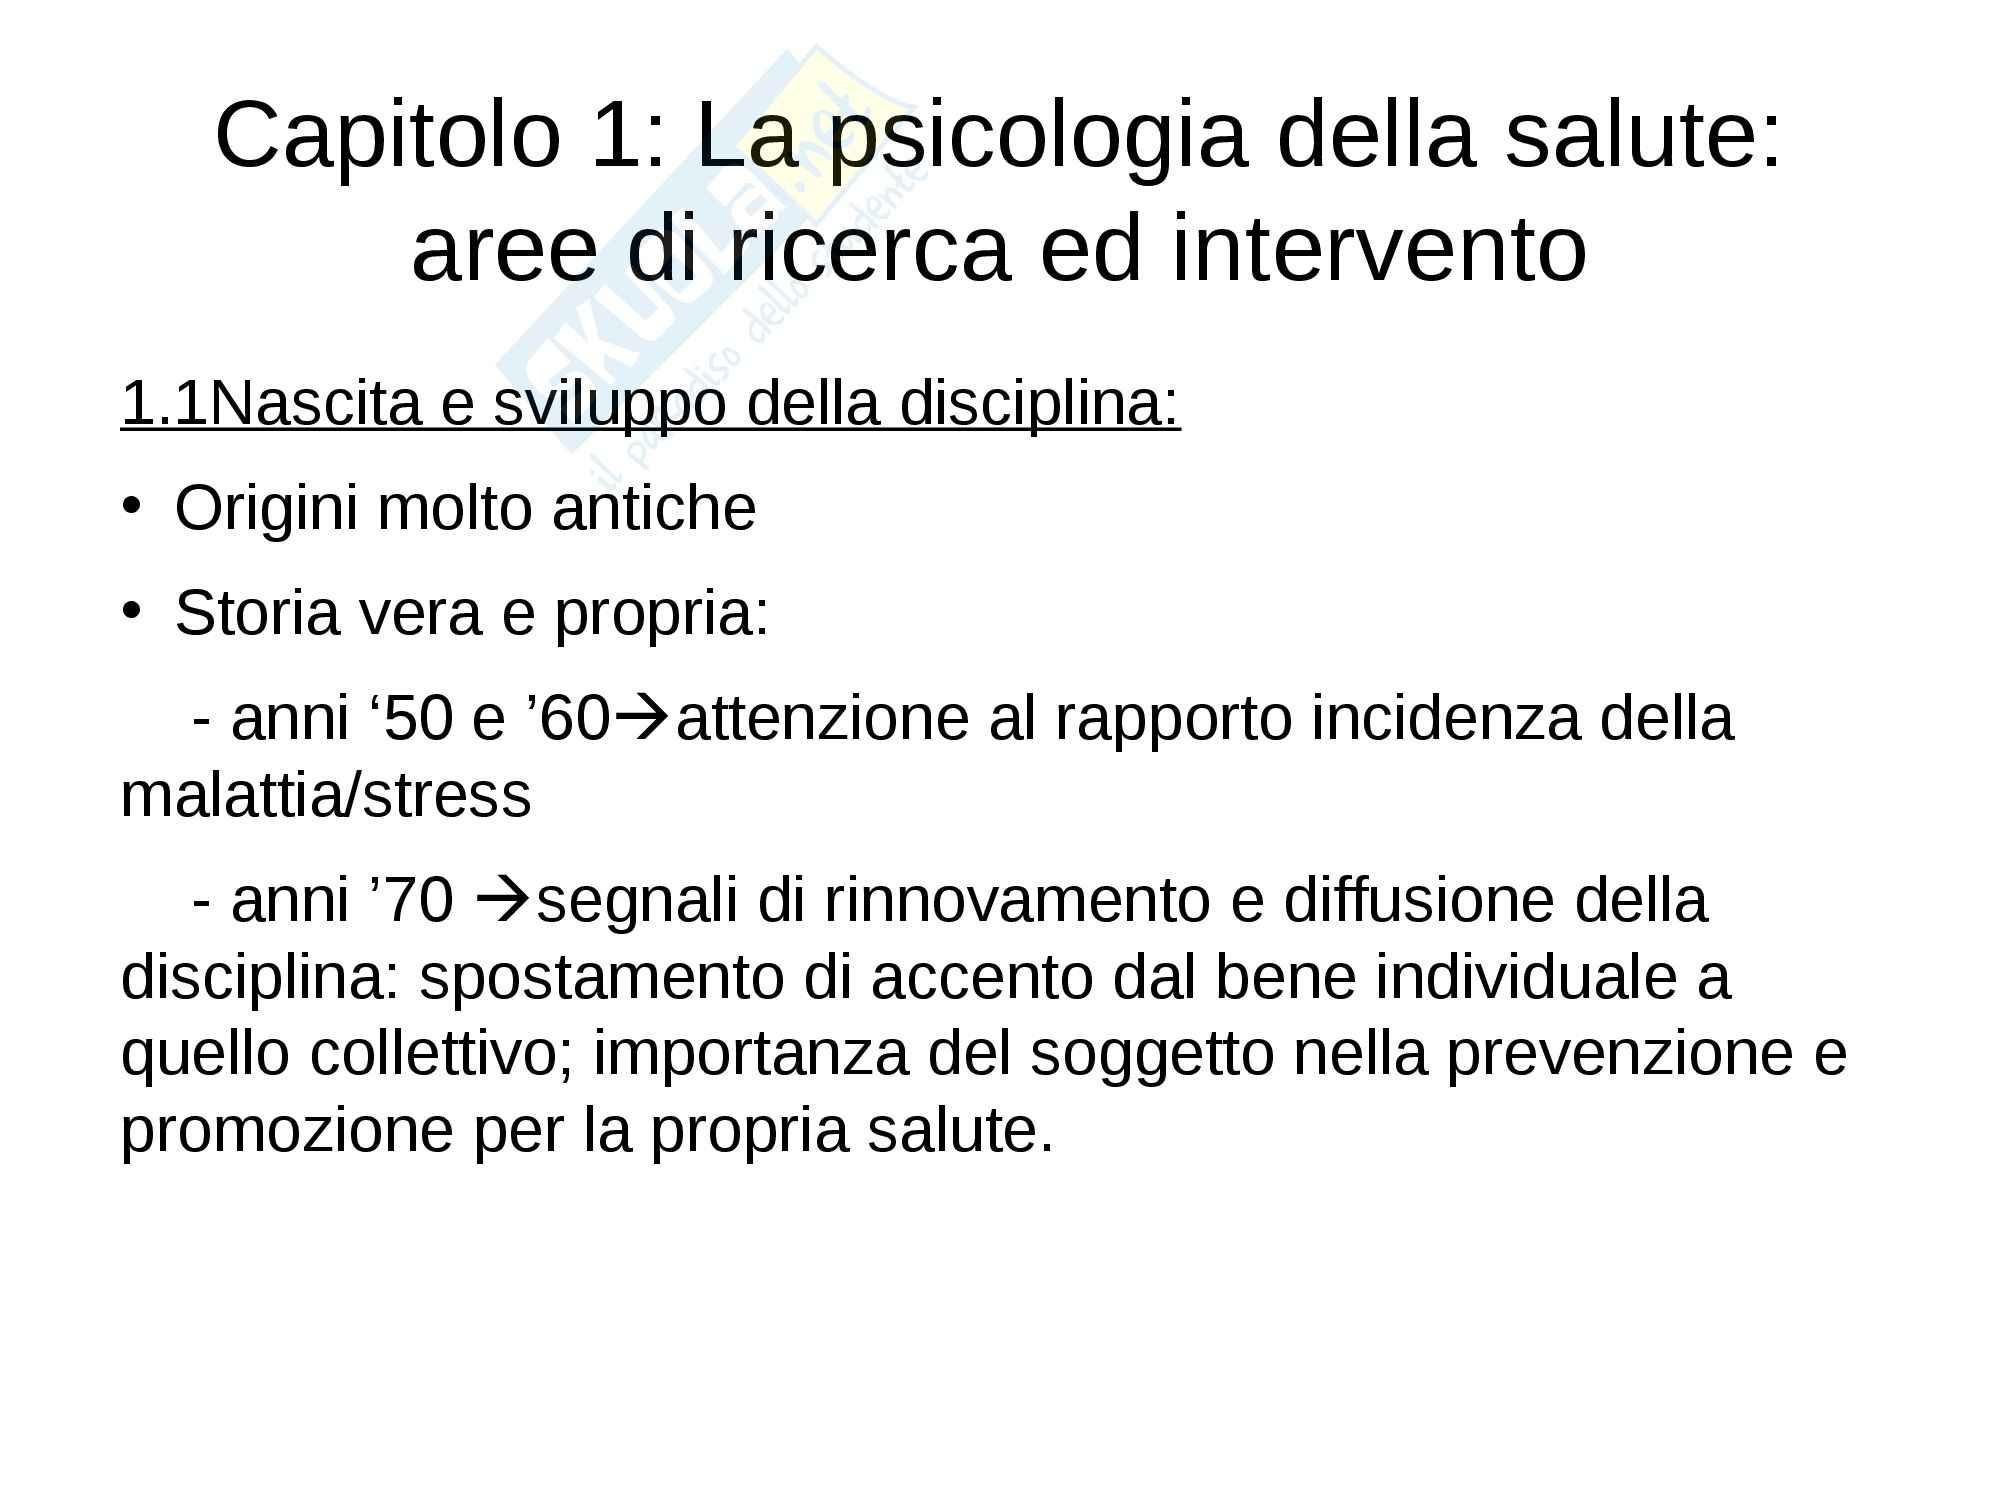 Riassunto esame Psoicologia, prof. Petrillo, libro consigliato Psicologia della salute, Zani, Cicognani Pag. 2